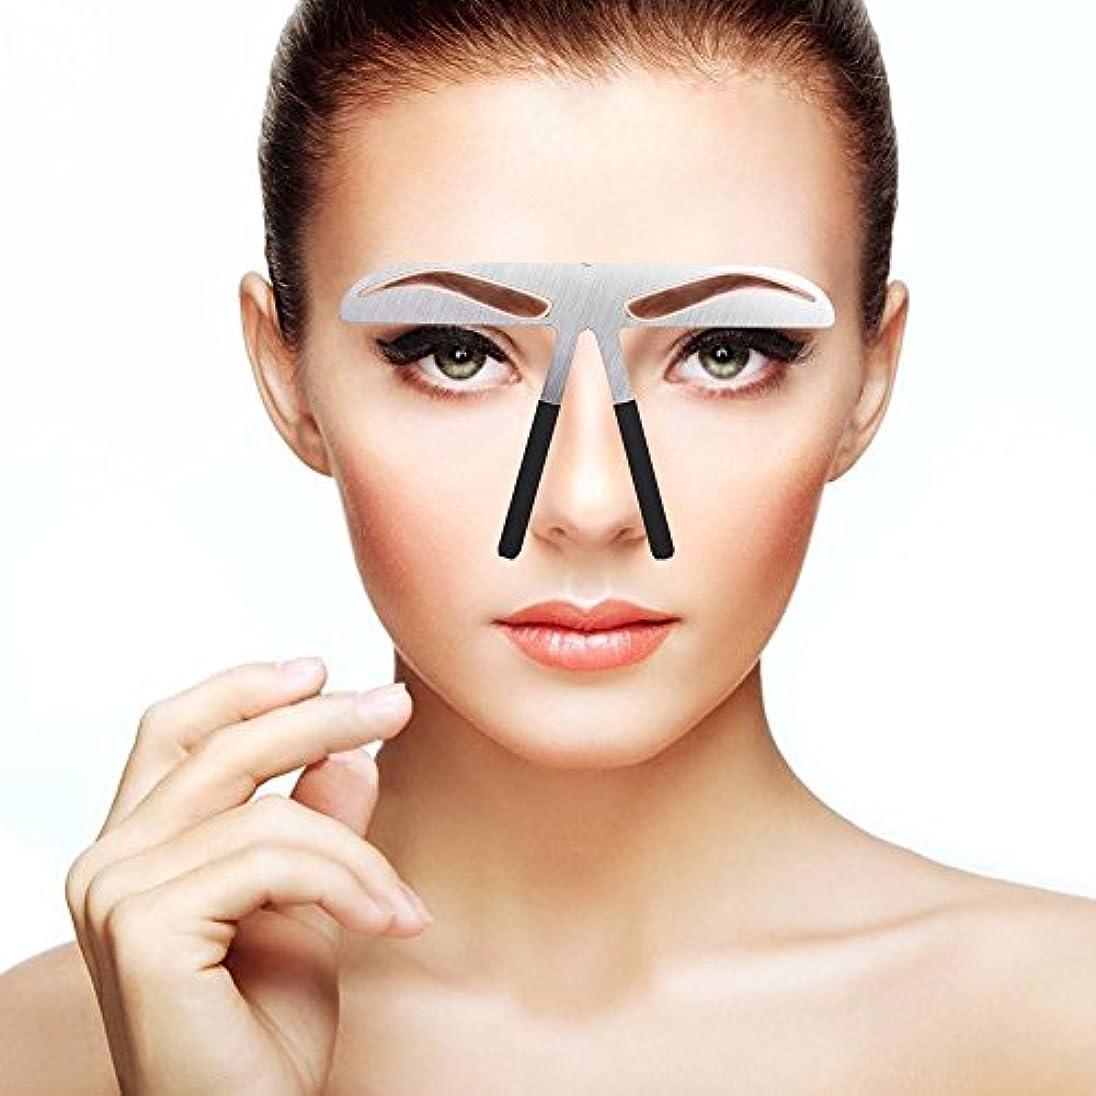 家畜害虫アグネスグレイ眉毛テンプレート、眉用ステンシル メイクアップ 美容ツール アイブローテンプレート アートメイク用定規 左右対称 位置決め 繰り返し使用 便利 初心者眉の補助器 男女兼用 (01)